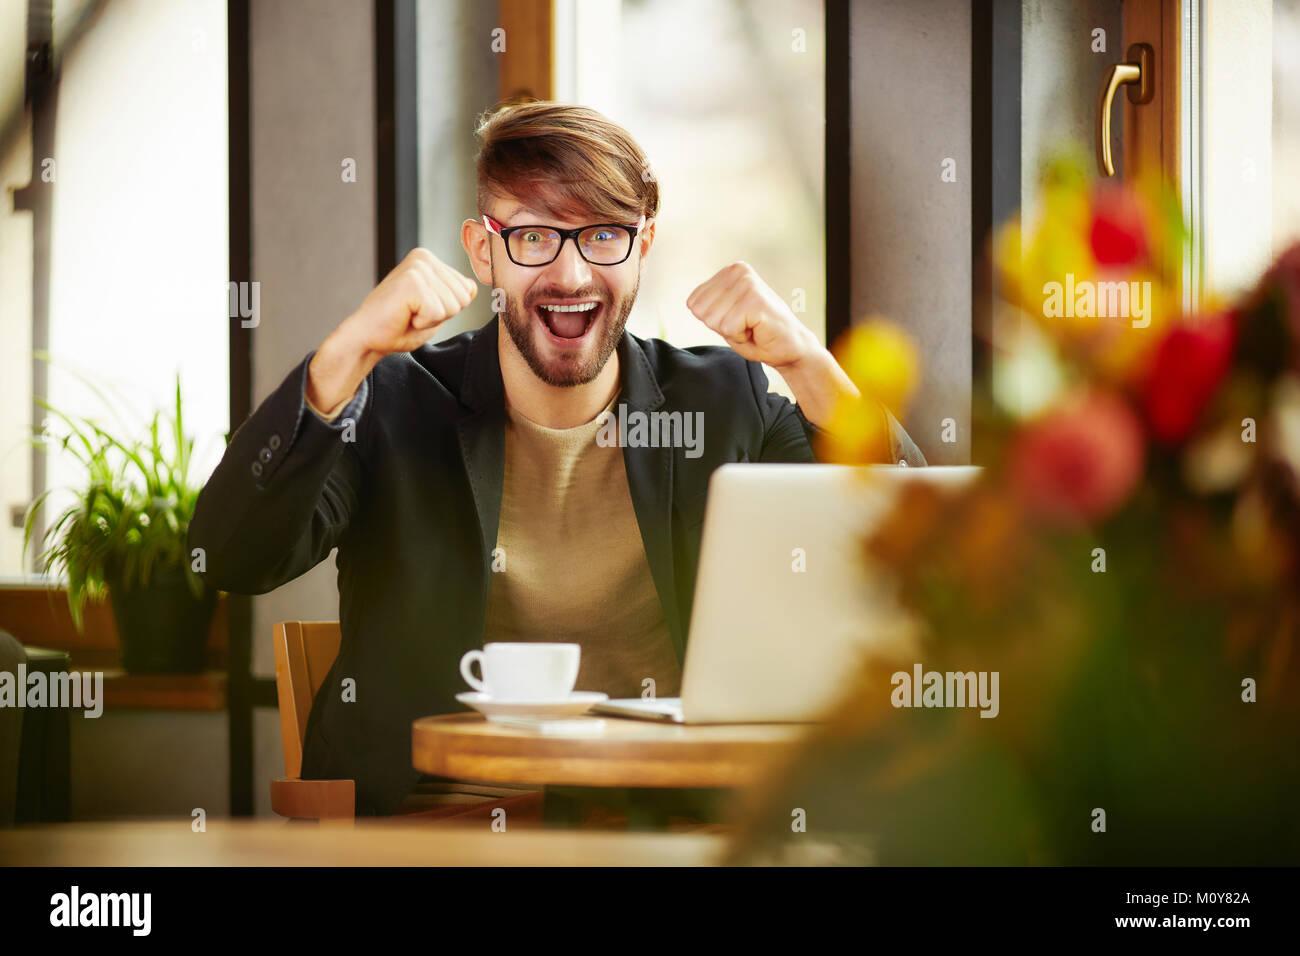 Emotionale Menschen feiern im Laptop Stockbild